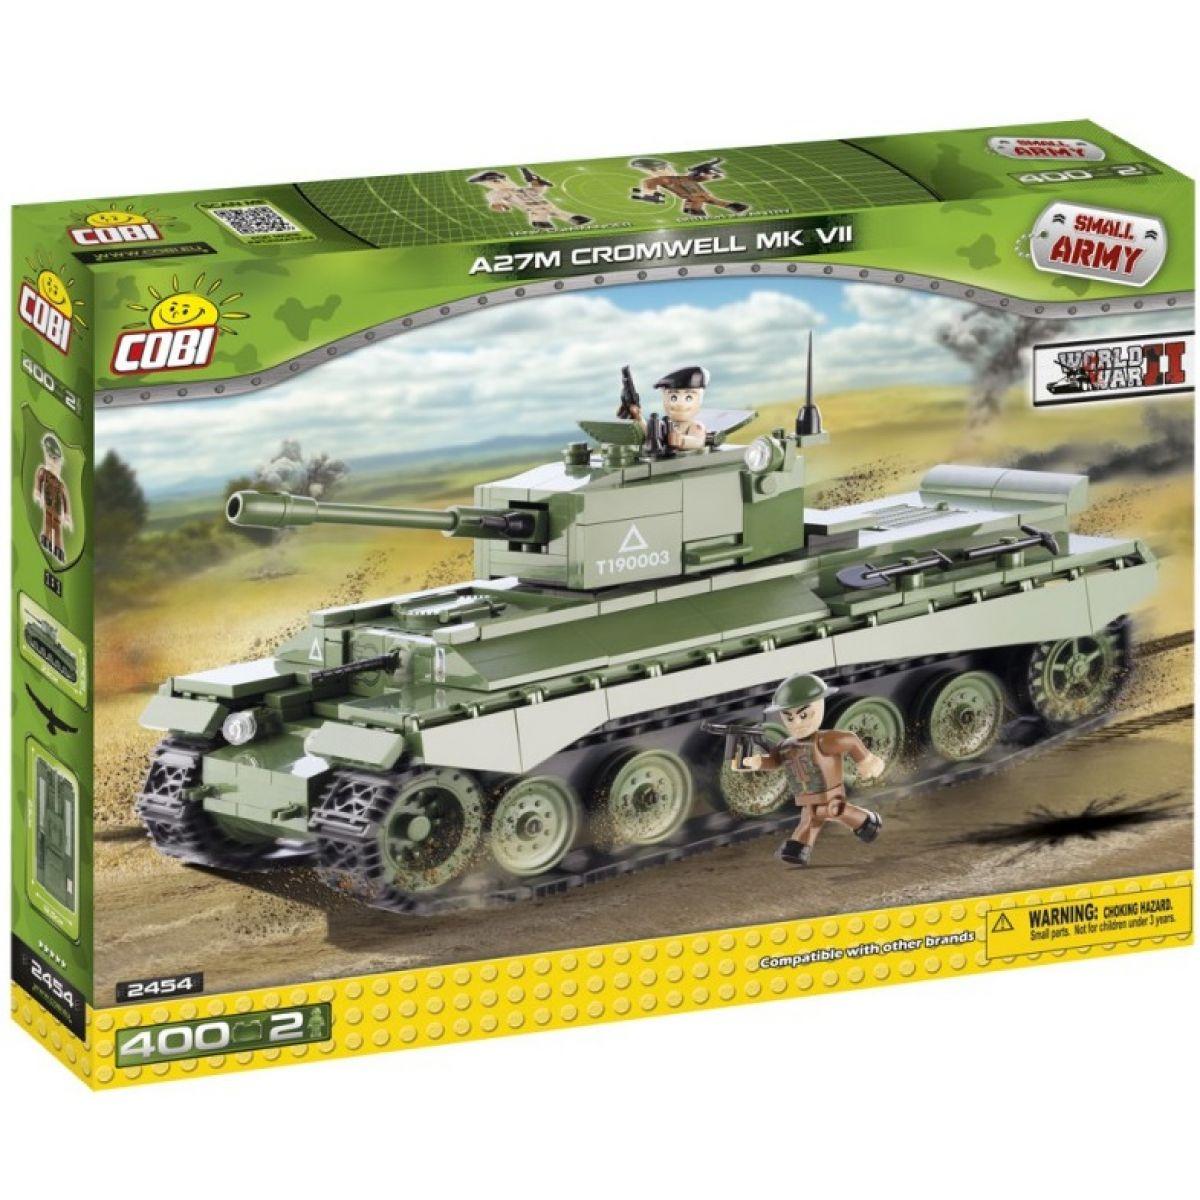 Cobi Malá armáda 2454 Tank A27M Cromwell MK VII